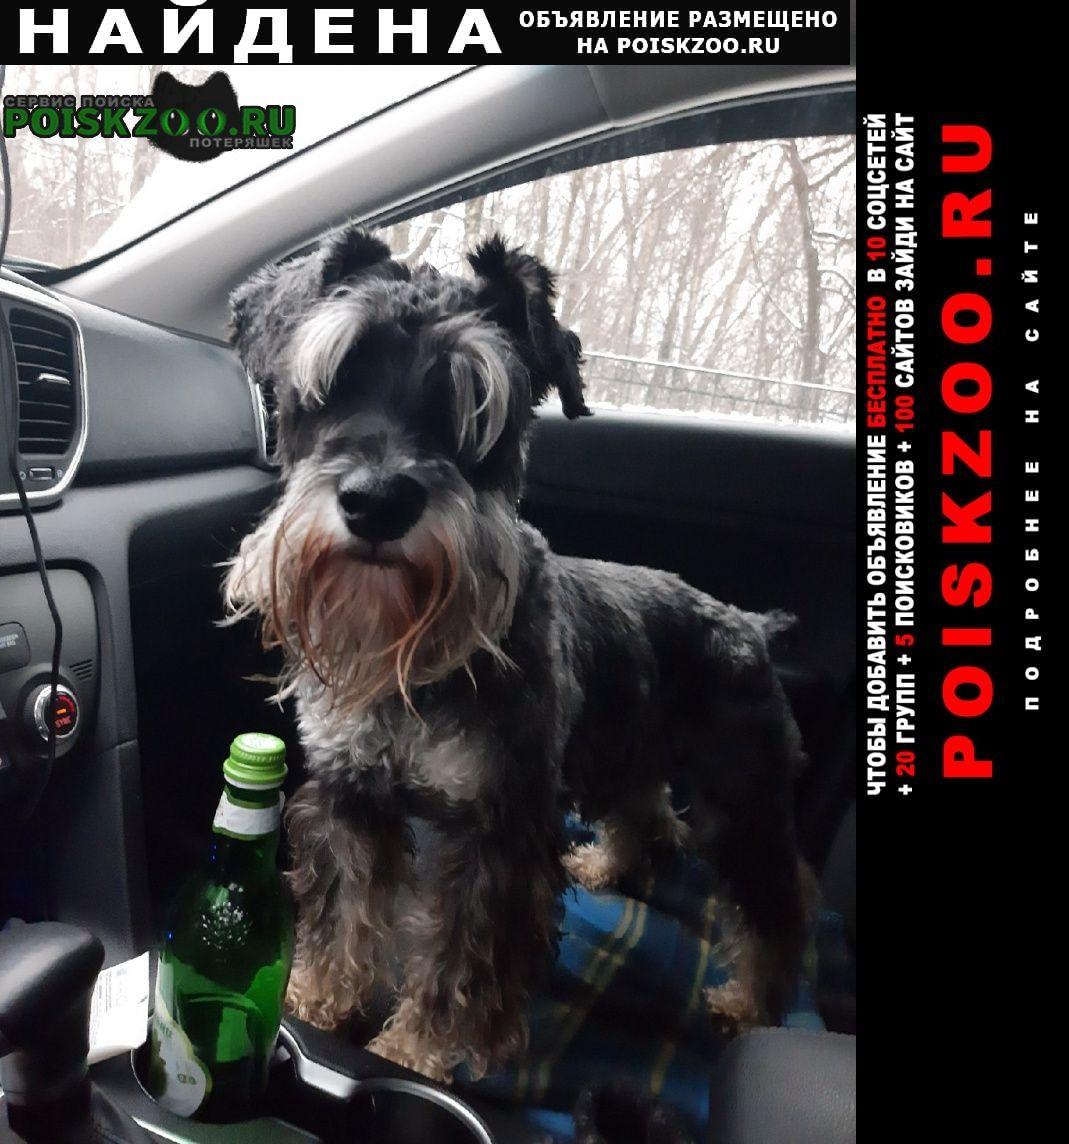 Найдена собака пёс цвергшнауцер Санкт-Петербург